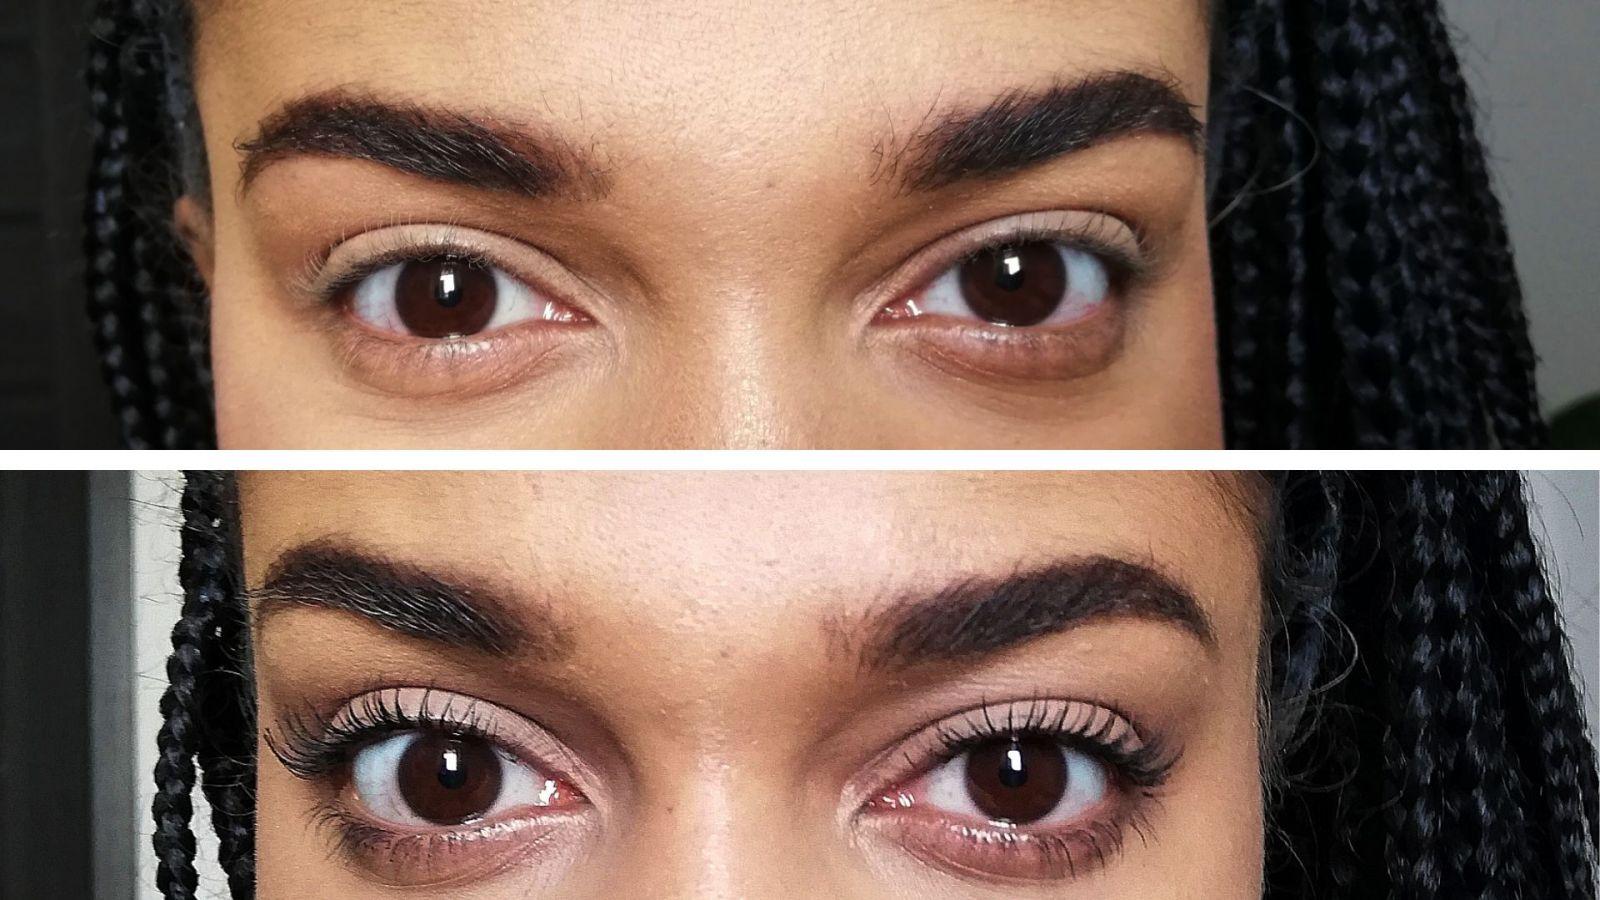 Jeden jediný produkt, cca 30-60 sekúnd času a spraví to veľký rozdiel v tvári.